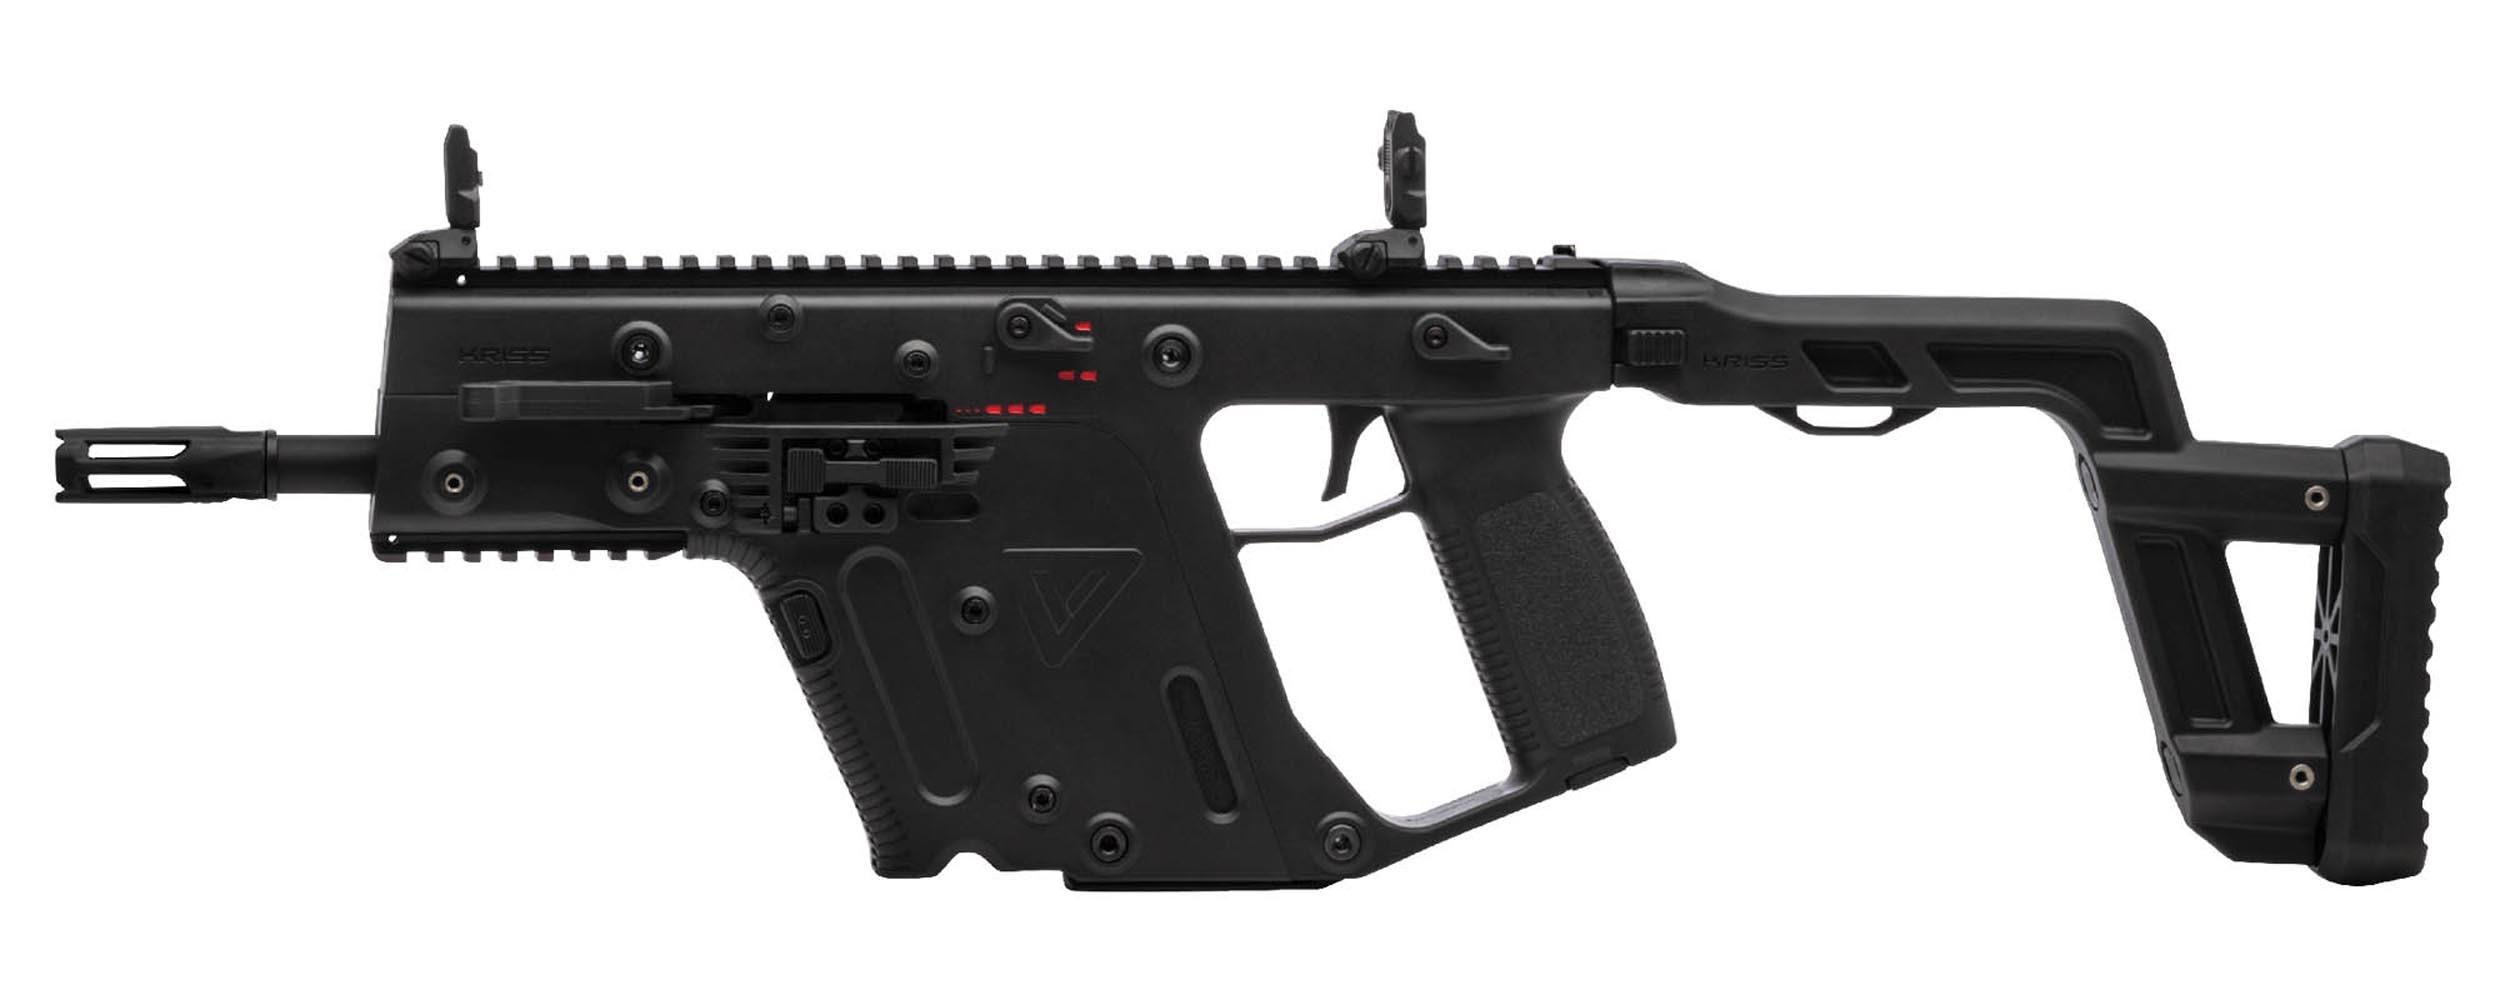 Krytac - Pistolet mitrailleur Kriss Vector SMG AEG - Noir (1.14 joules)